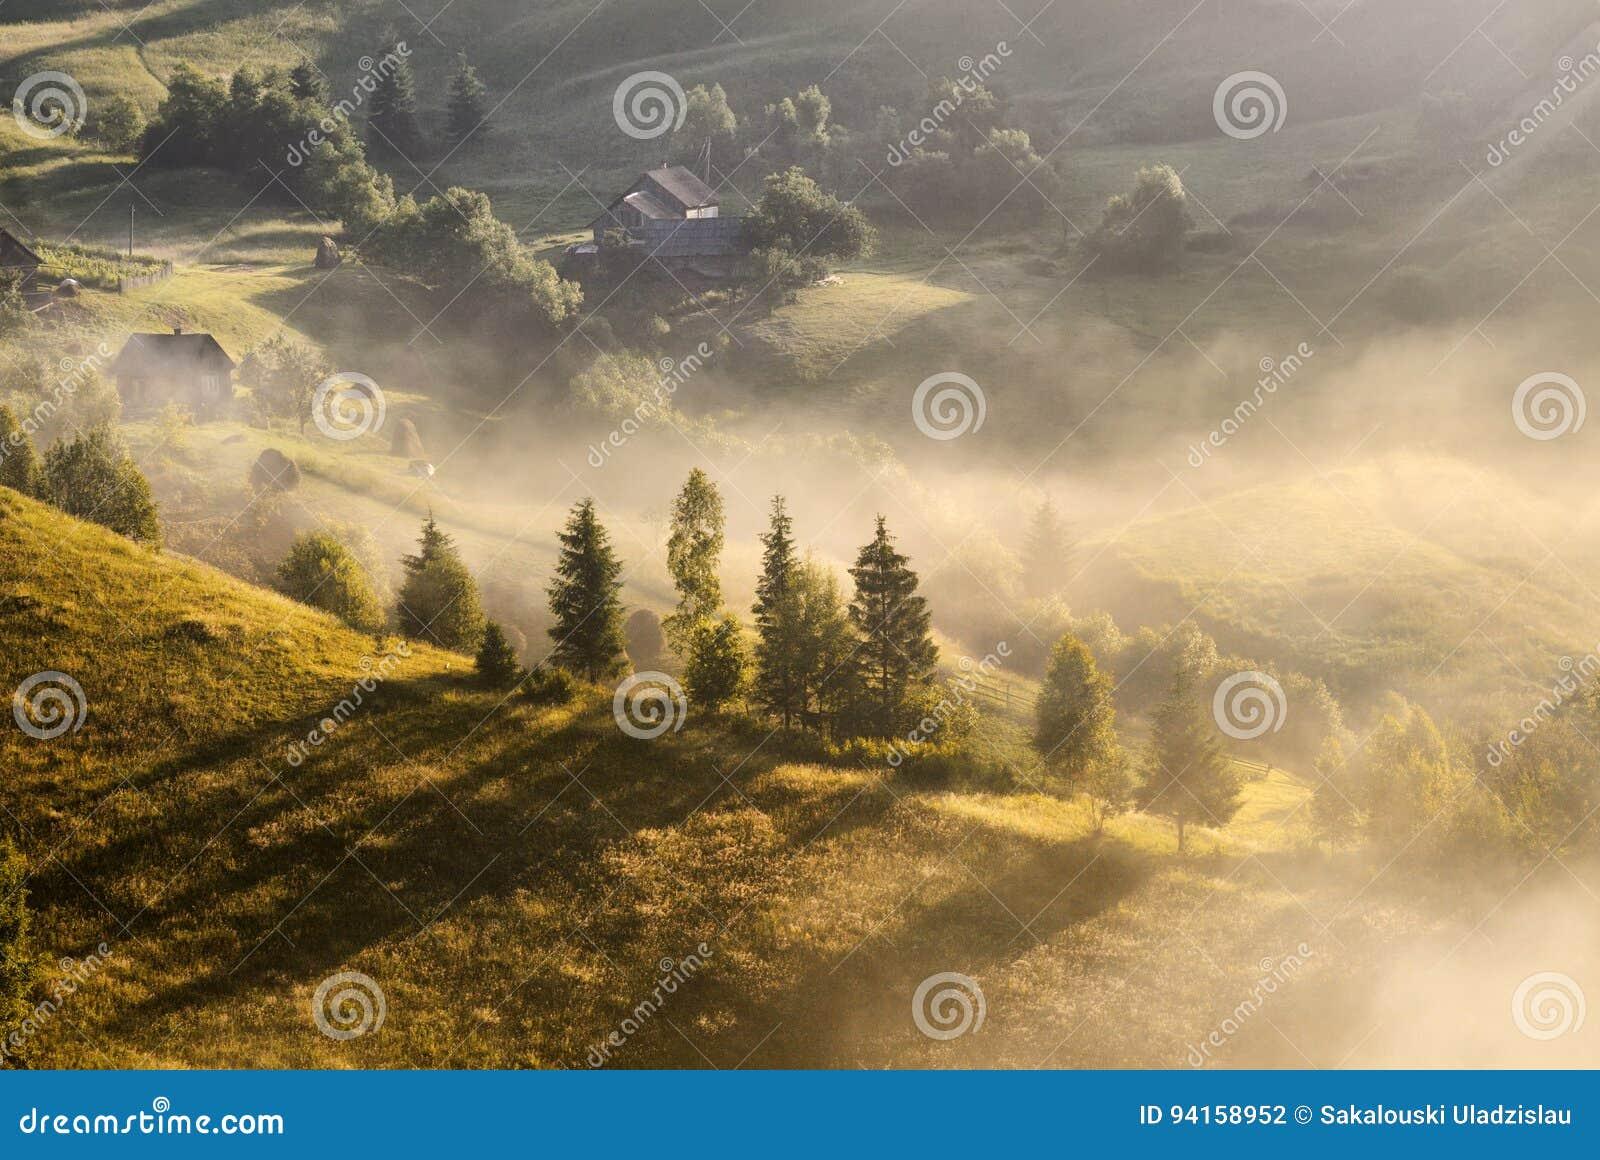 Un paesaggio nebbioso di bello autunno con le case sole e le colline soleggiate Paesaggio rurale carpatico sul tramonto nei color